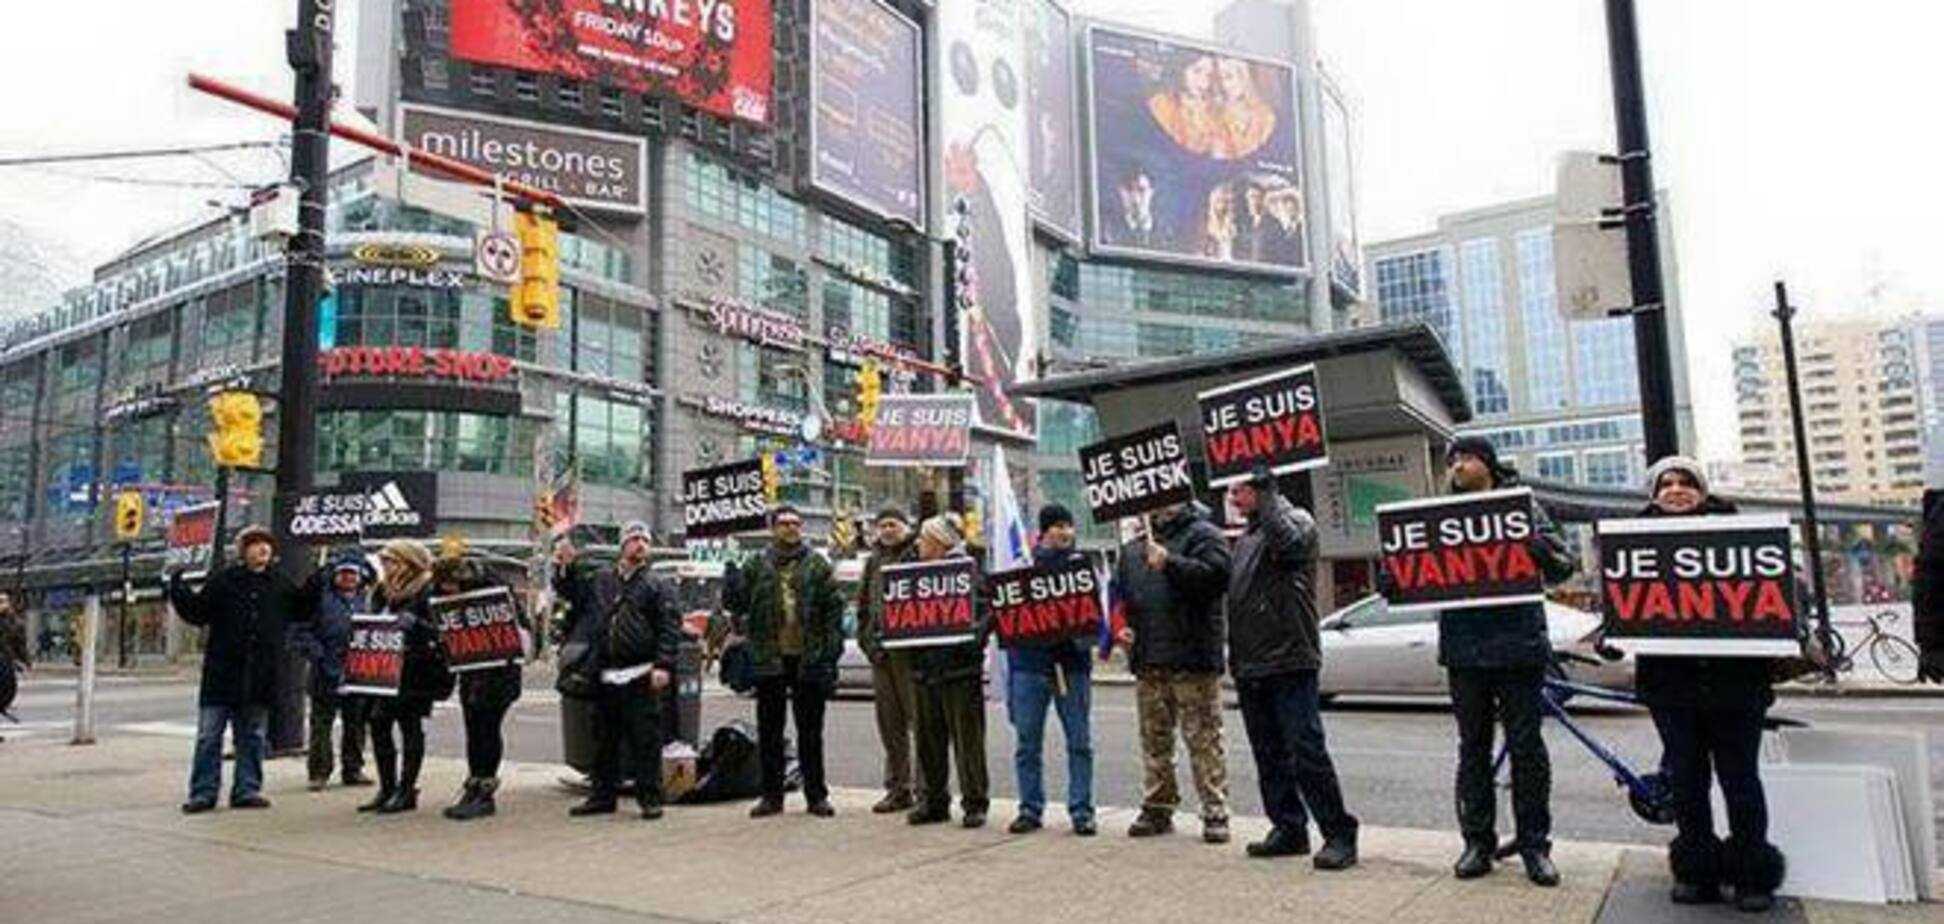 В Канаде пропутинская дюжина устроила пикет под афишей фильма '12 обезьян': фотофакт